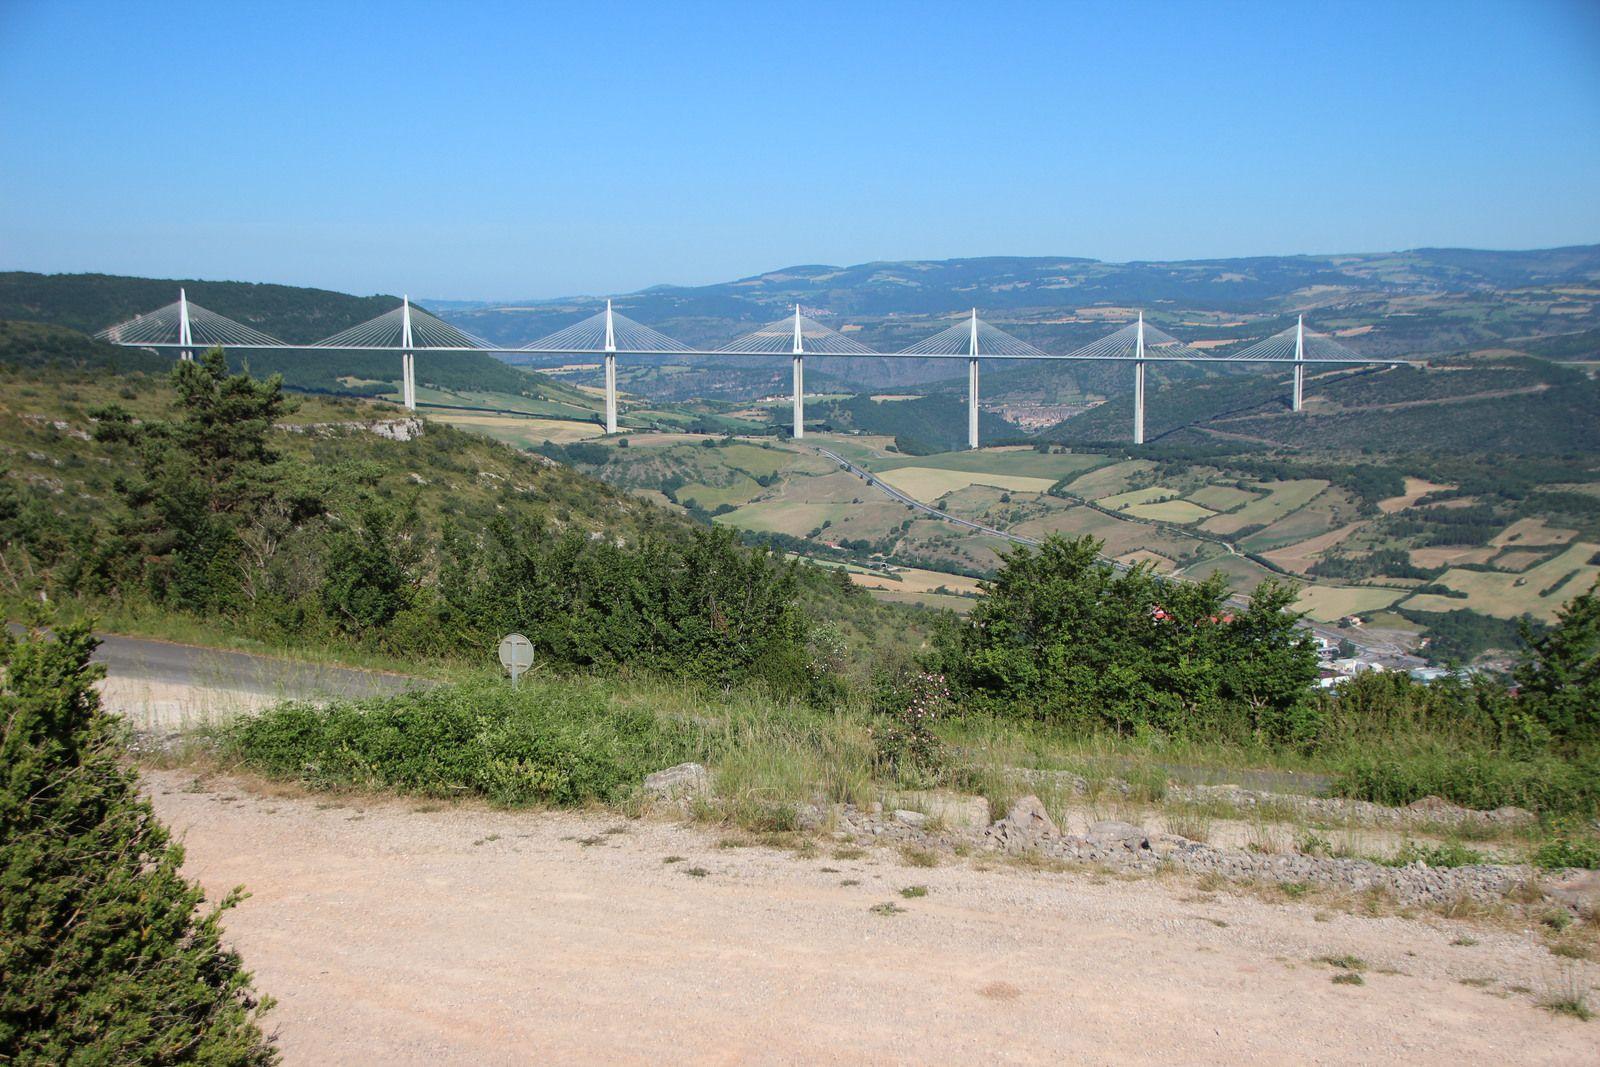 Viaduc de Millau vu depuis le village de Creissels